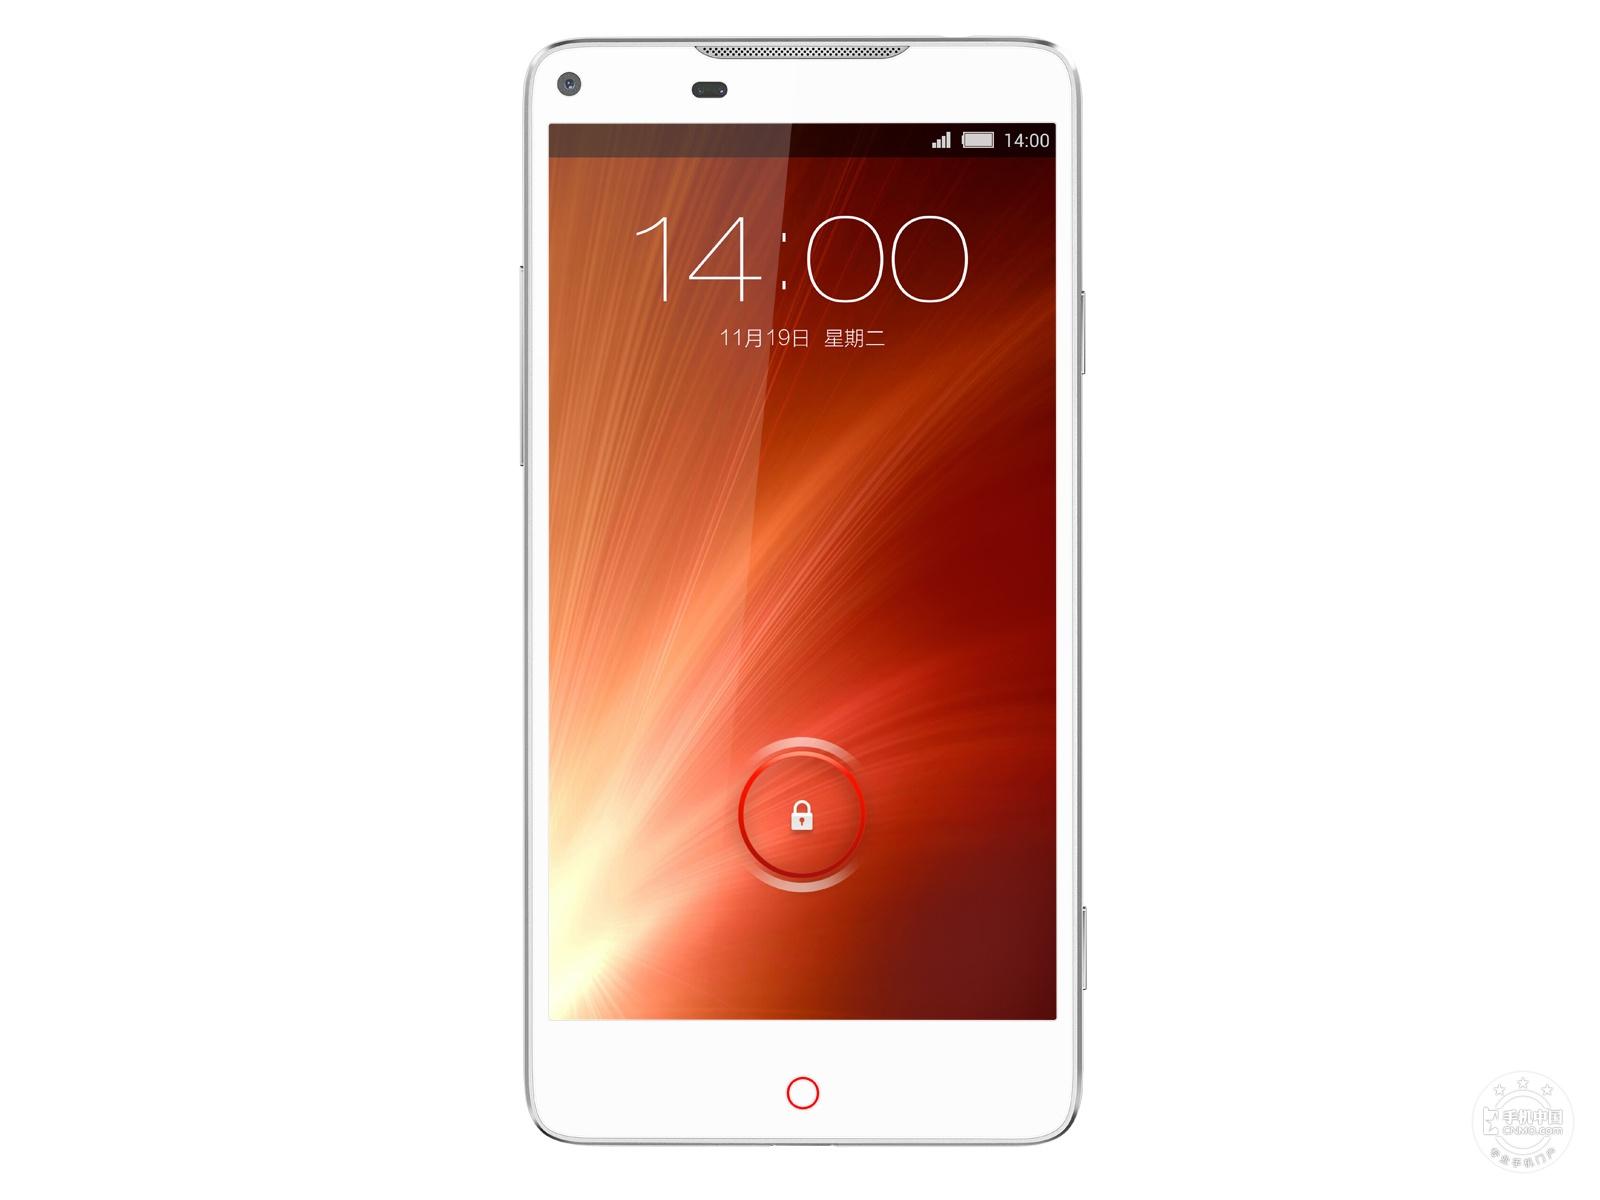 努比亚Z5Sn(64GB)产品本身外观第1张